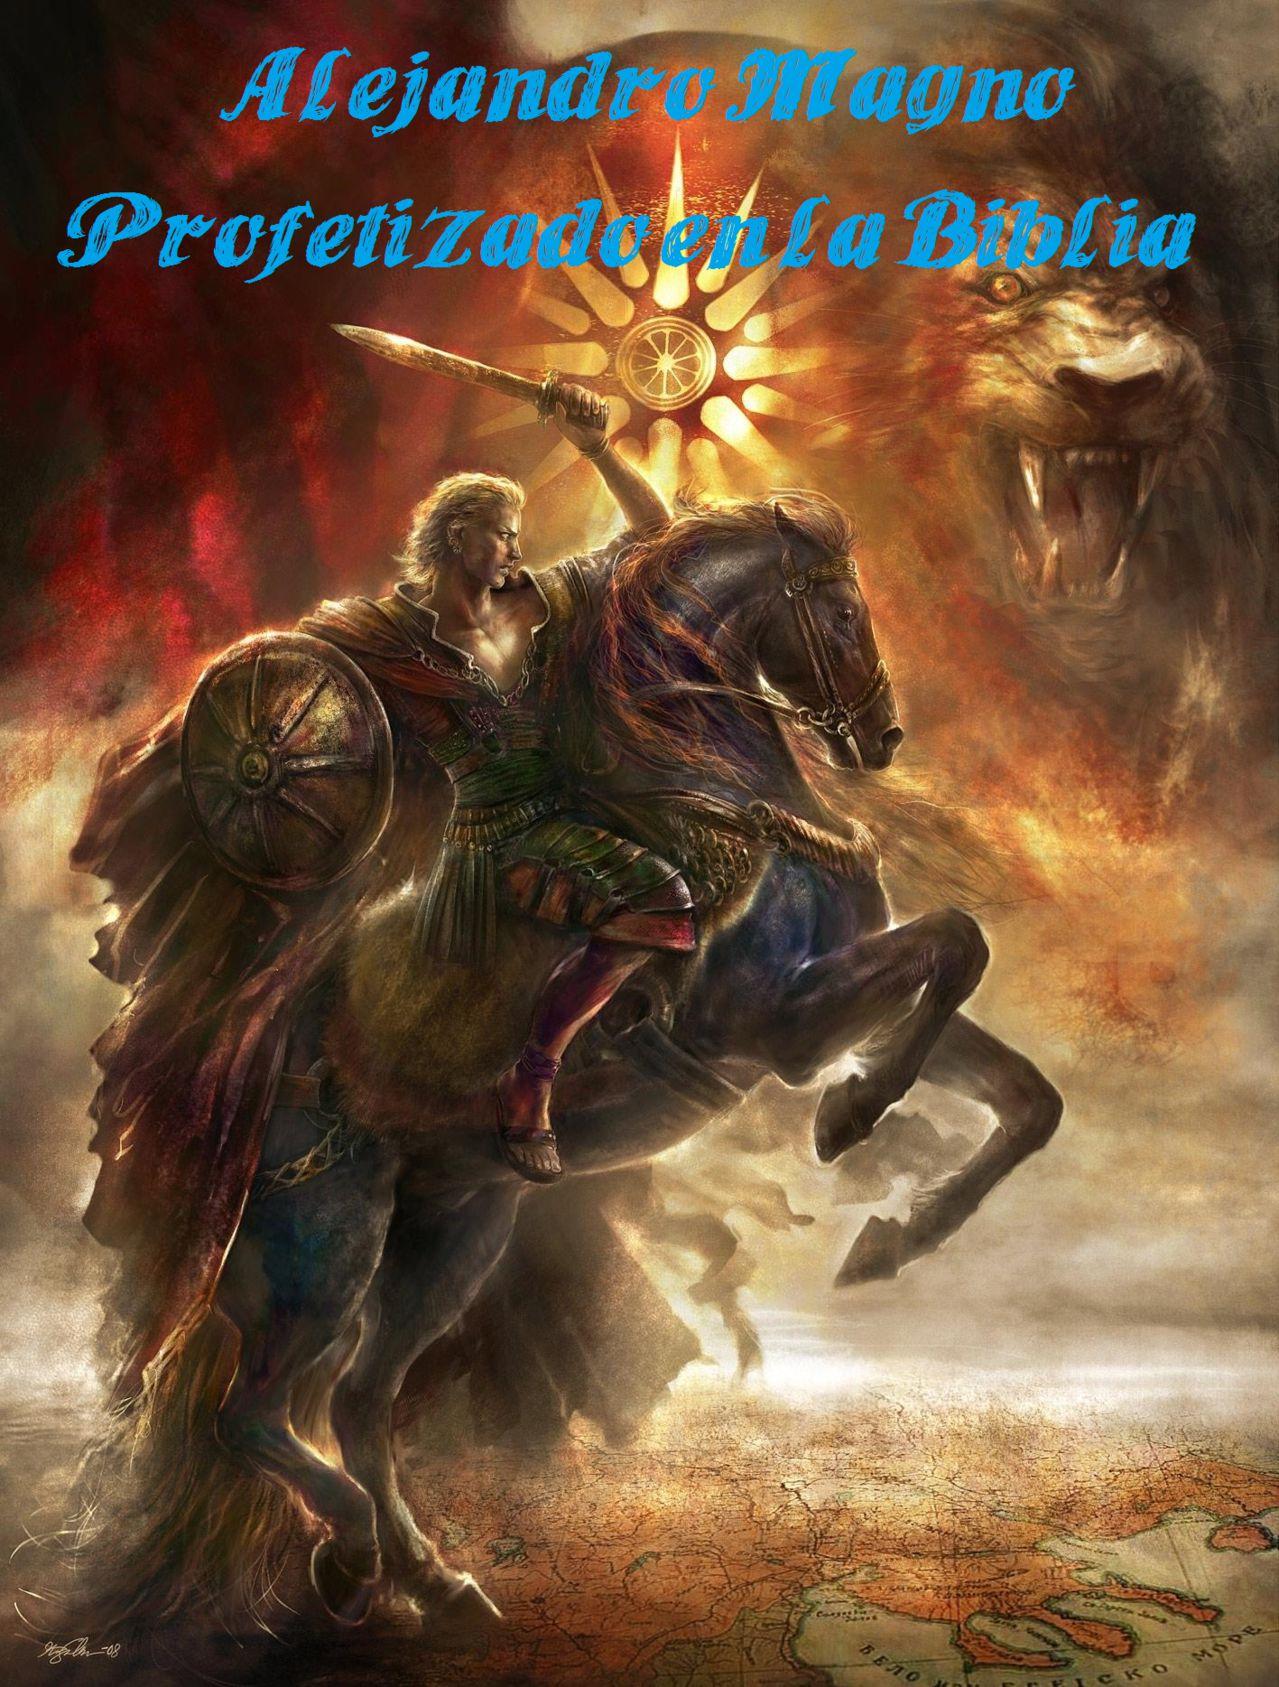 Alejandro Magno lee sobre sí mismo en una profecía de la Biblia 882178_269058679894566_2079072894_o